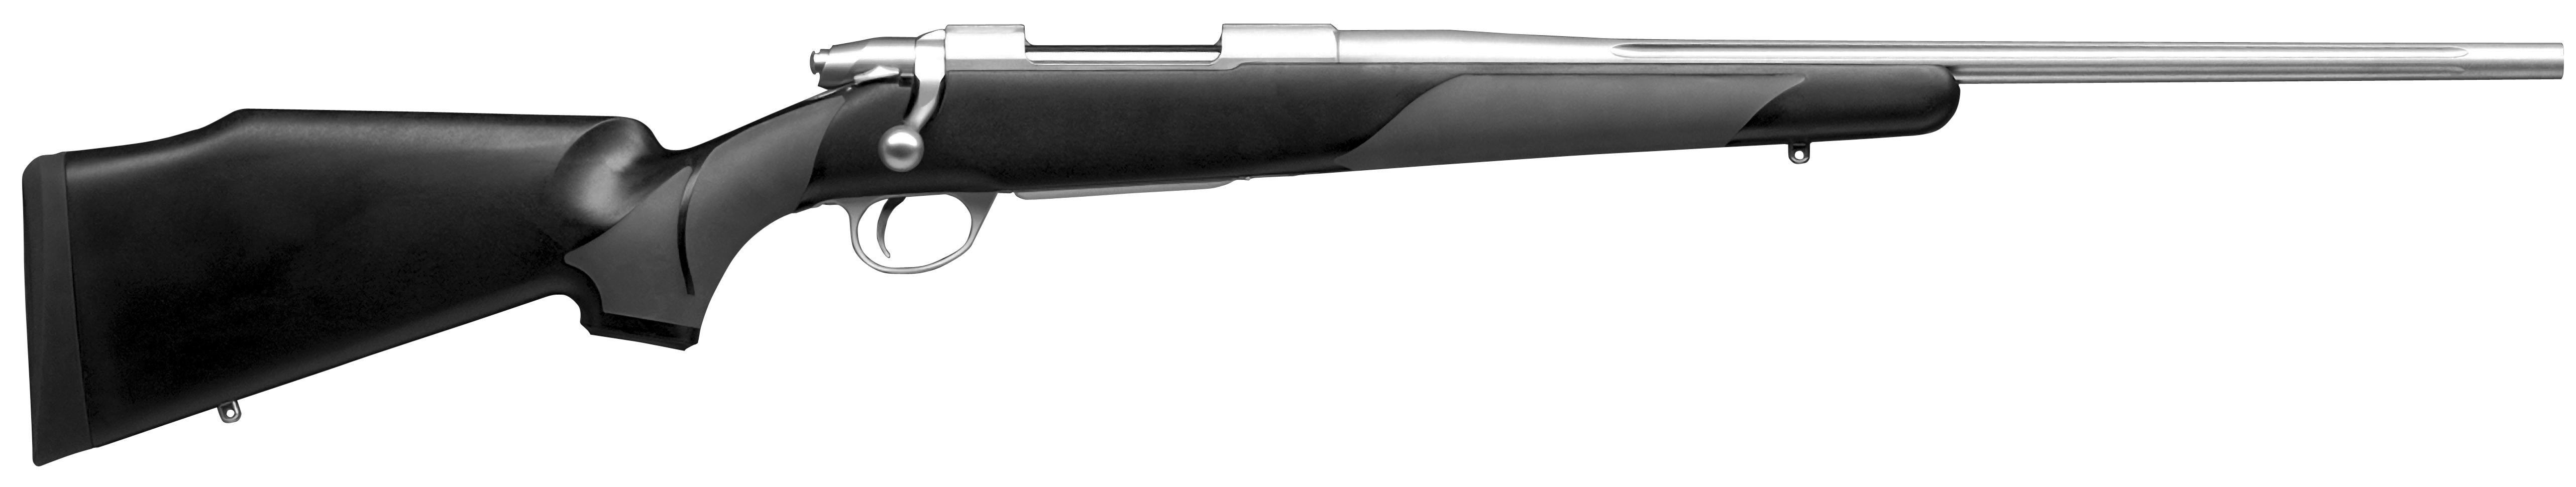 Model 75 Finnlight